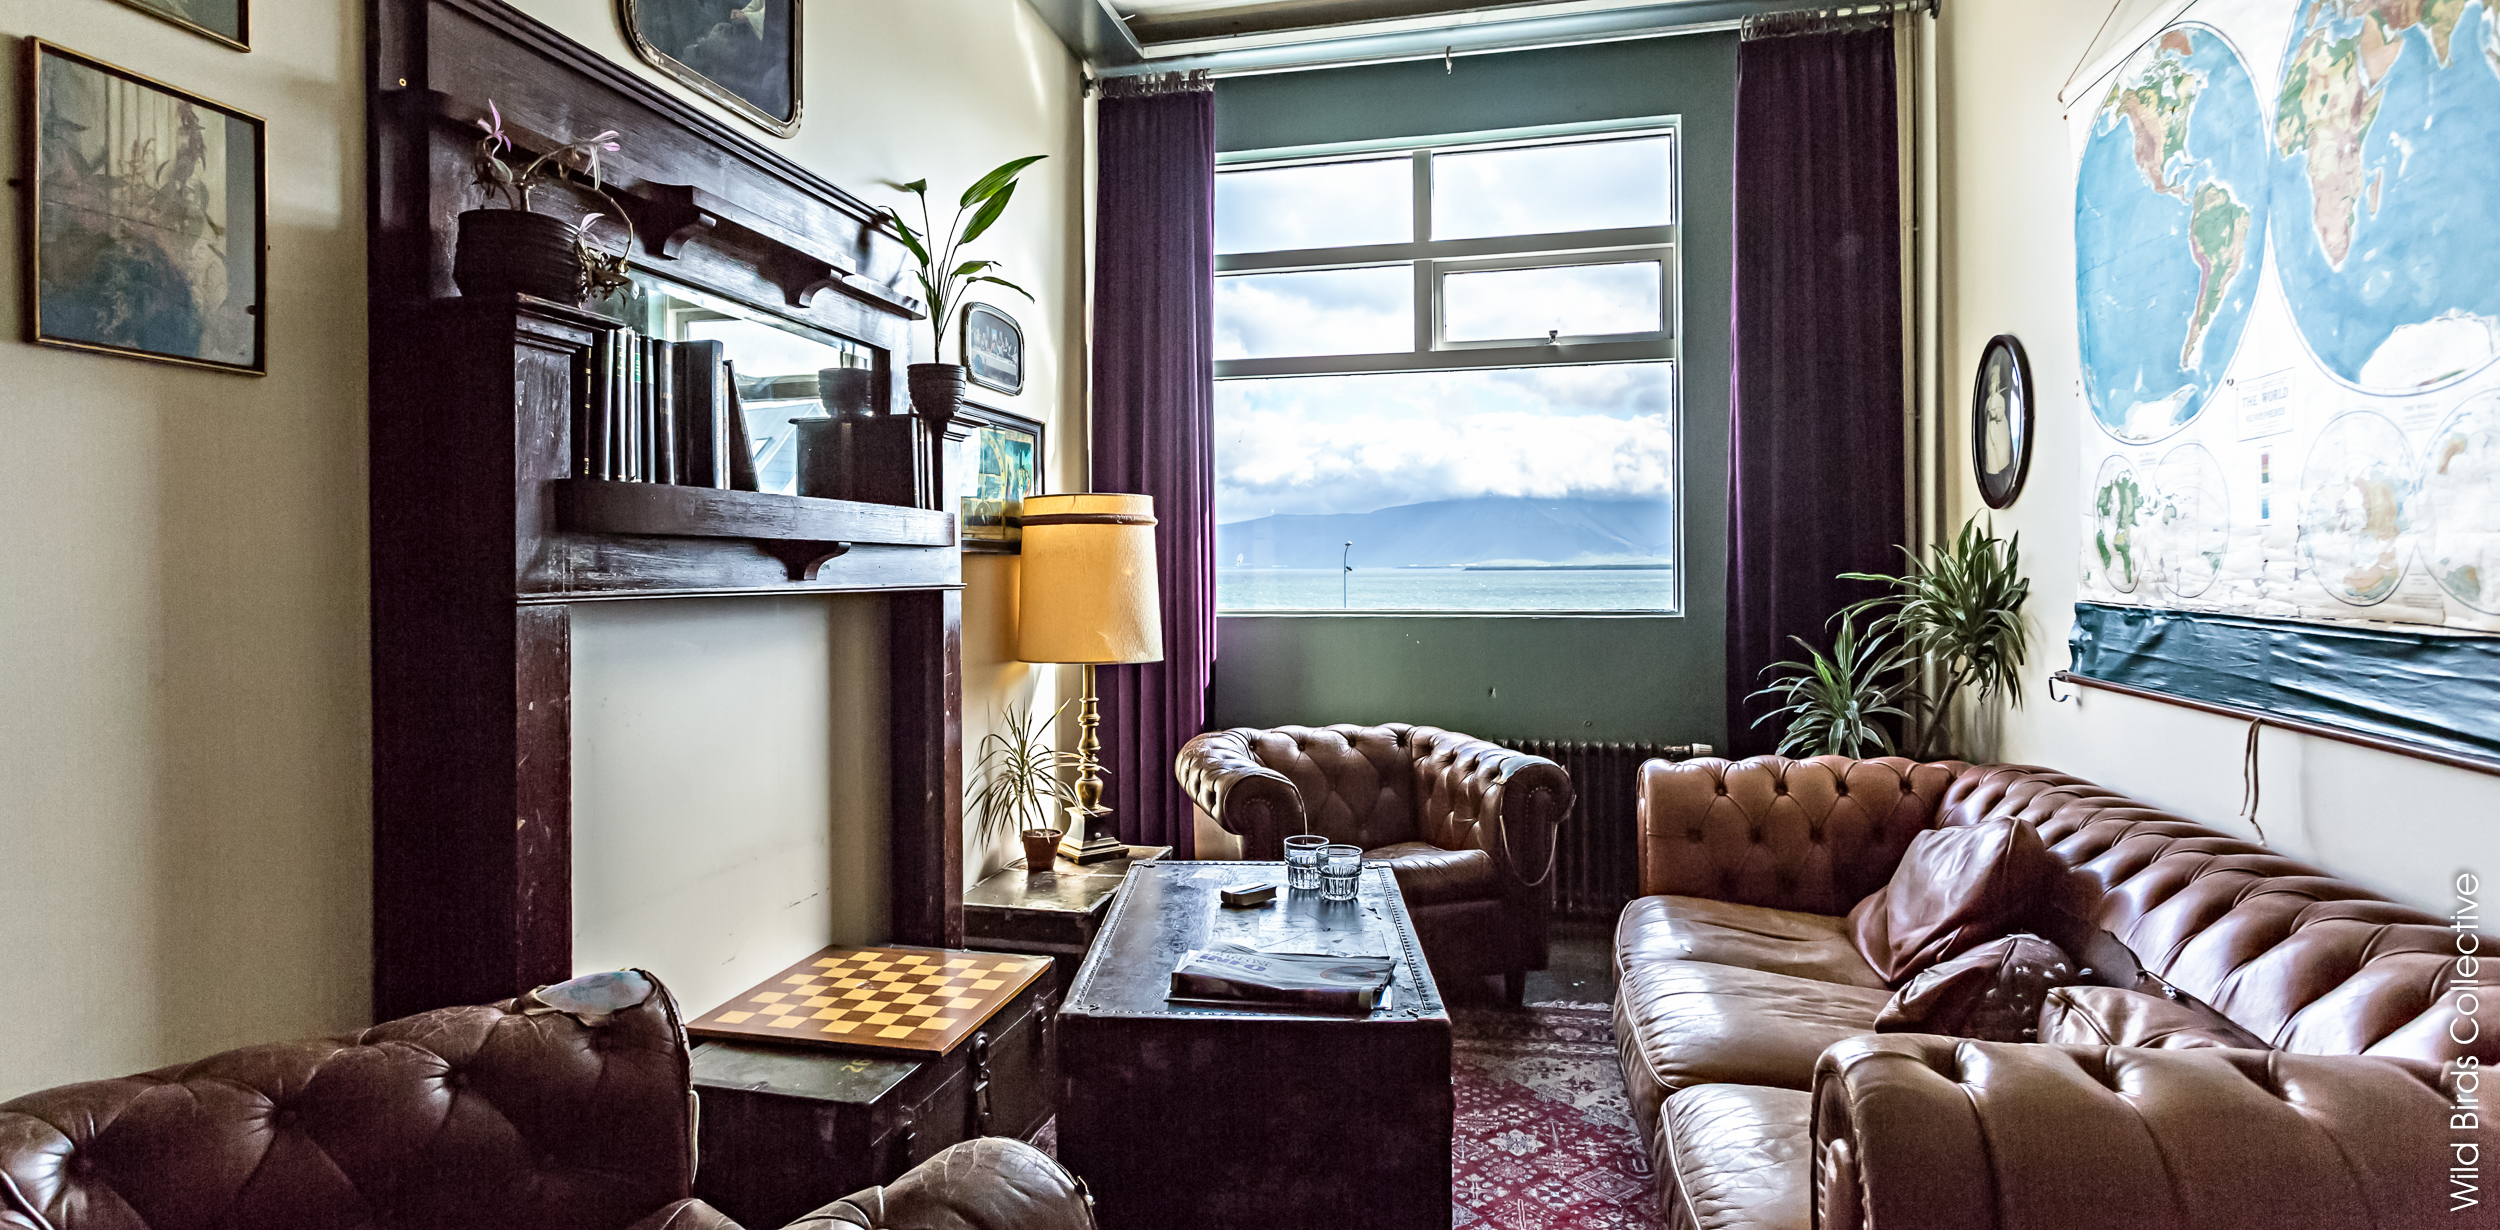 Salon boudoir, Kex Hostel